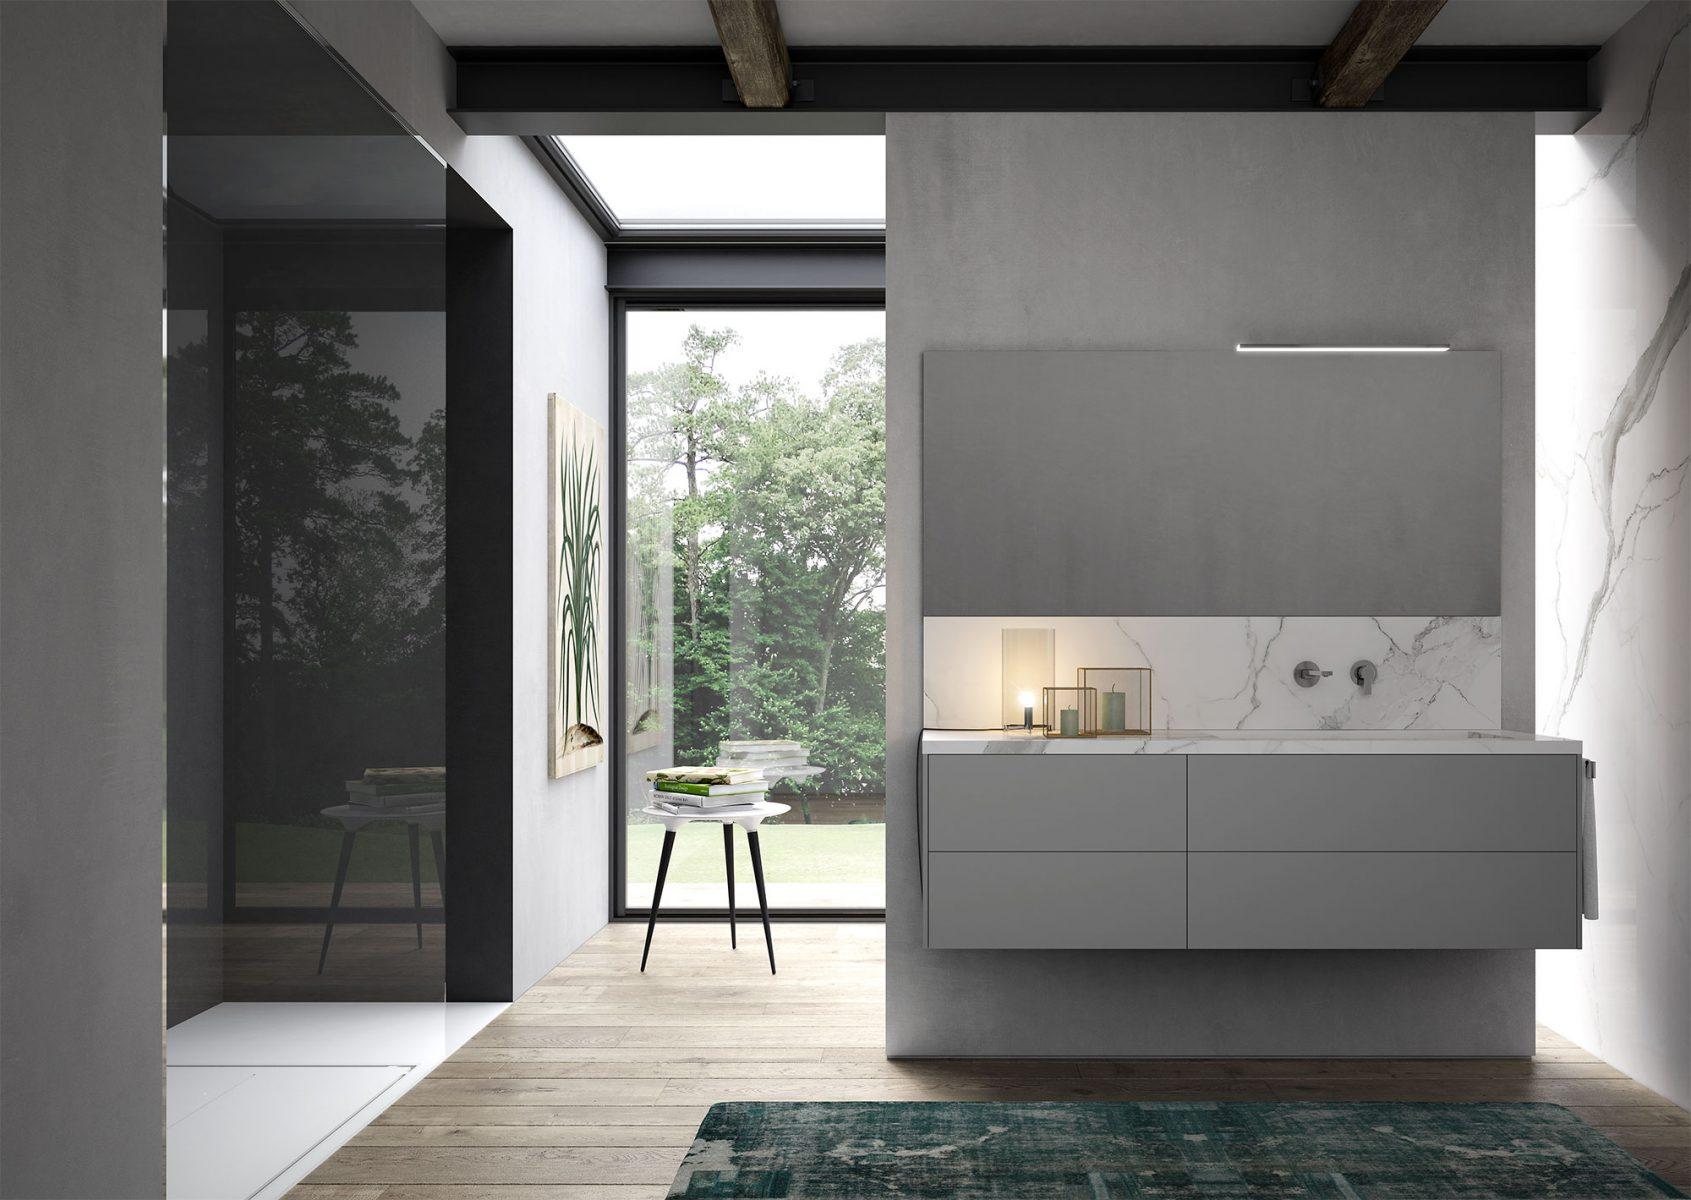 Sense arredo bagno moderno mobili bagno design ideagroup - Immagini arredo bagno ...